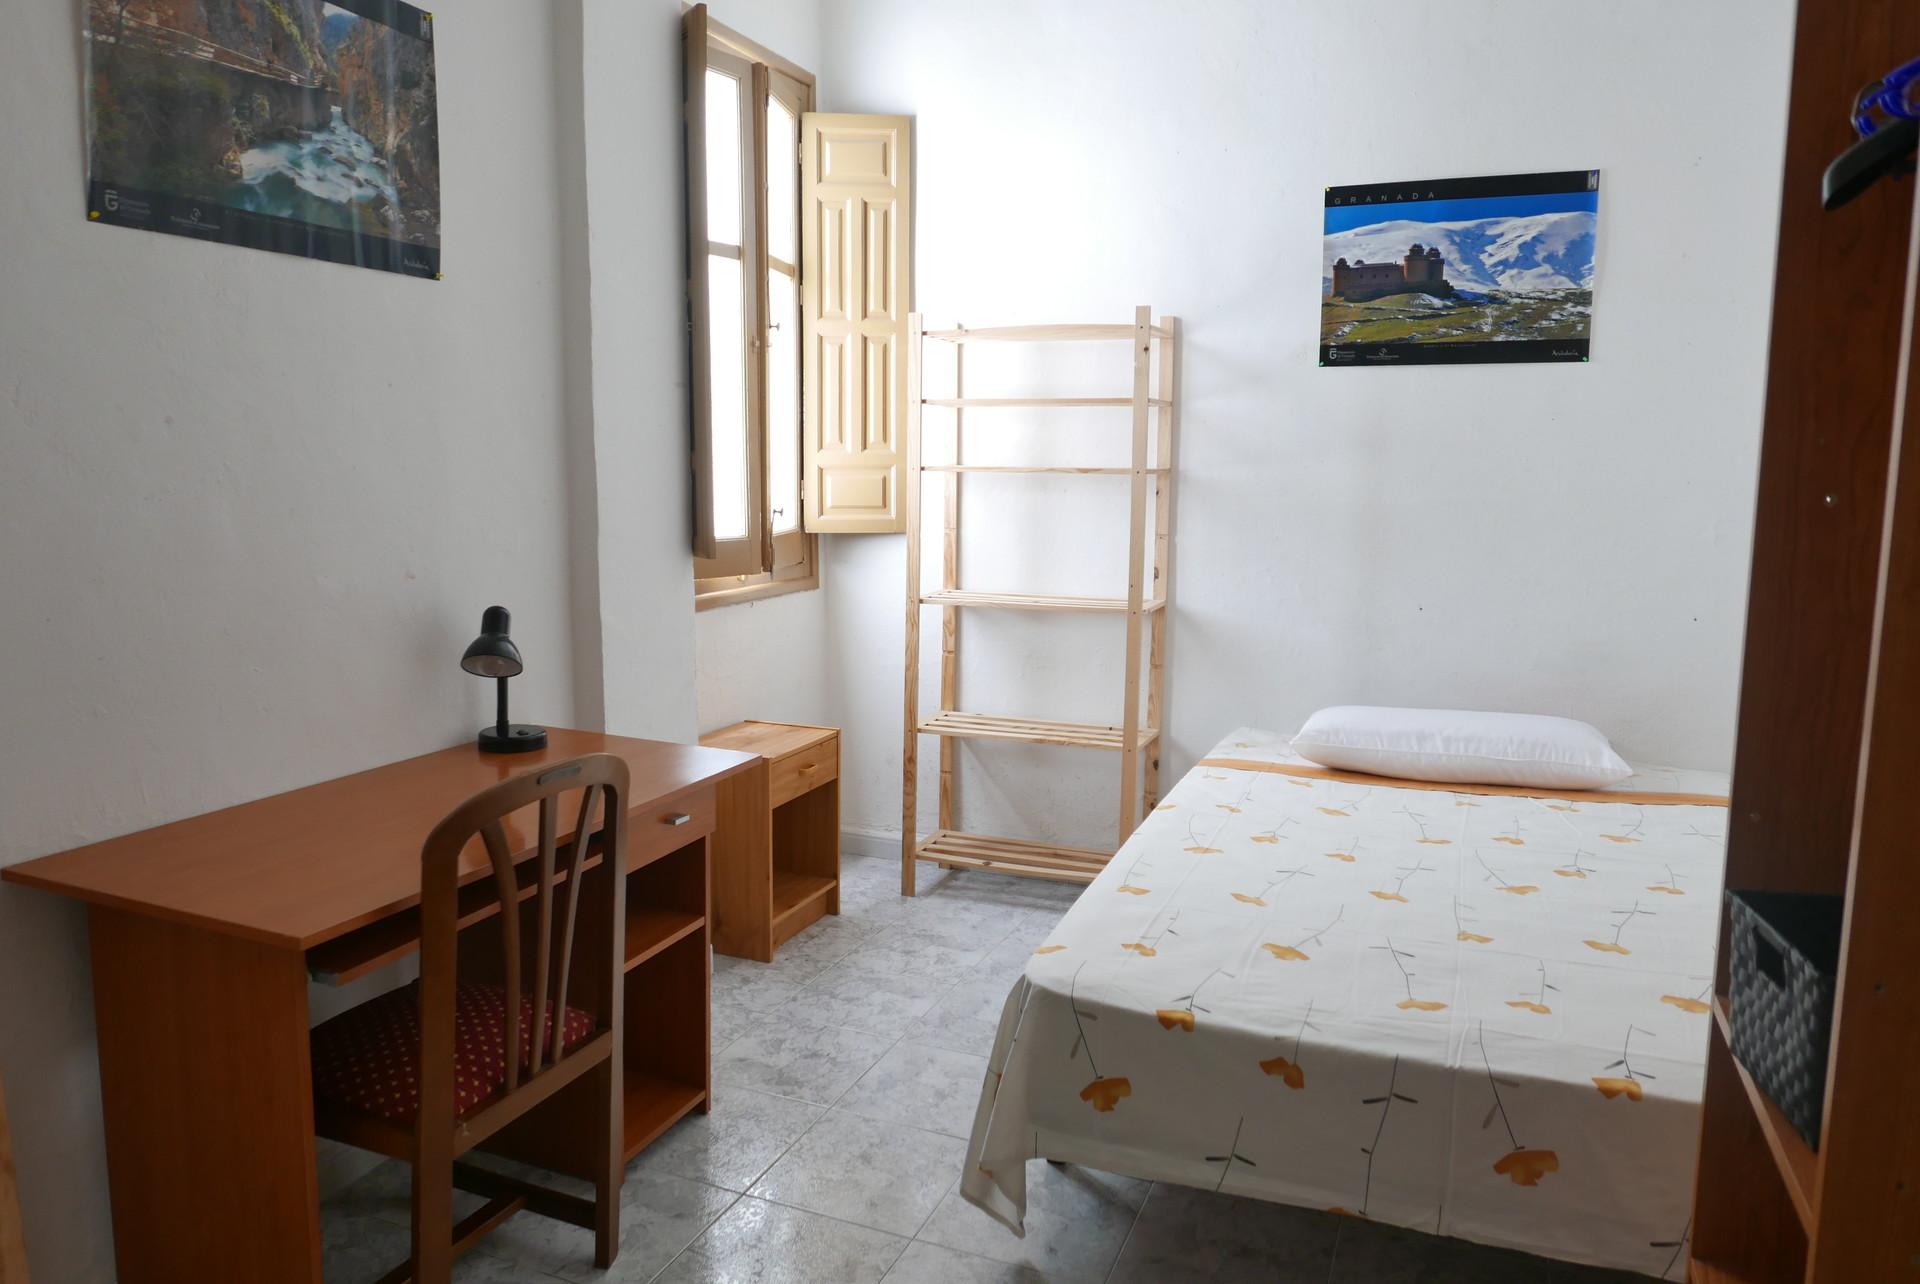 Habitaci n en piso de estudiantes en el centro de granada for Habitaciones para estudiantes